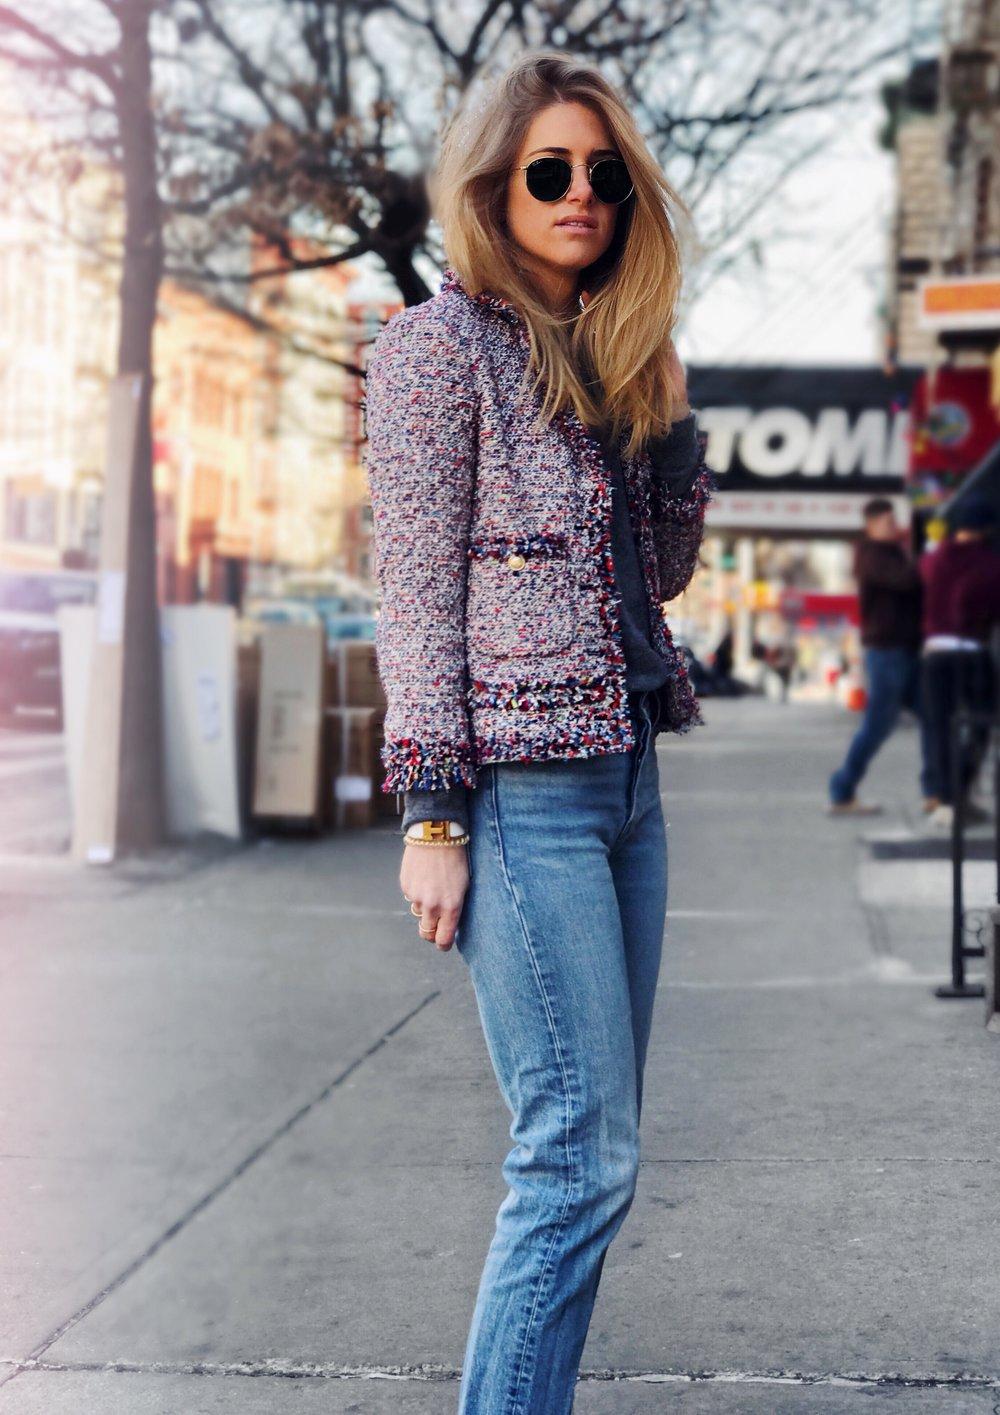 Fashion Ambitionist by Marissa Fuchs, Blazer